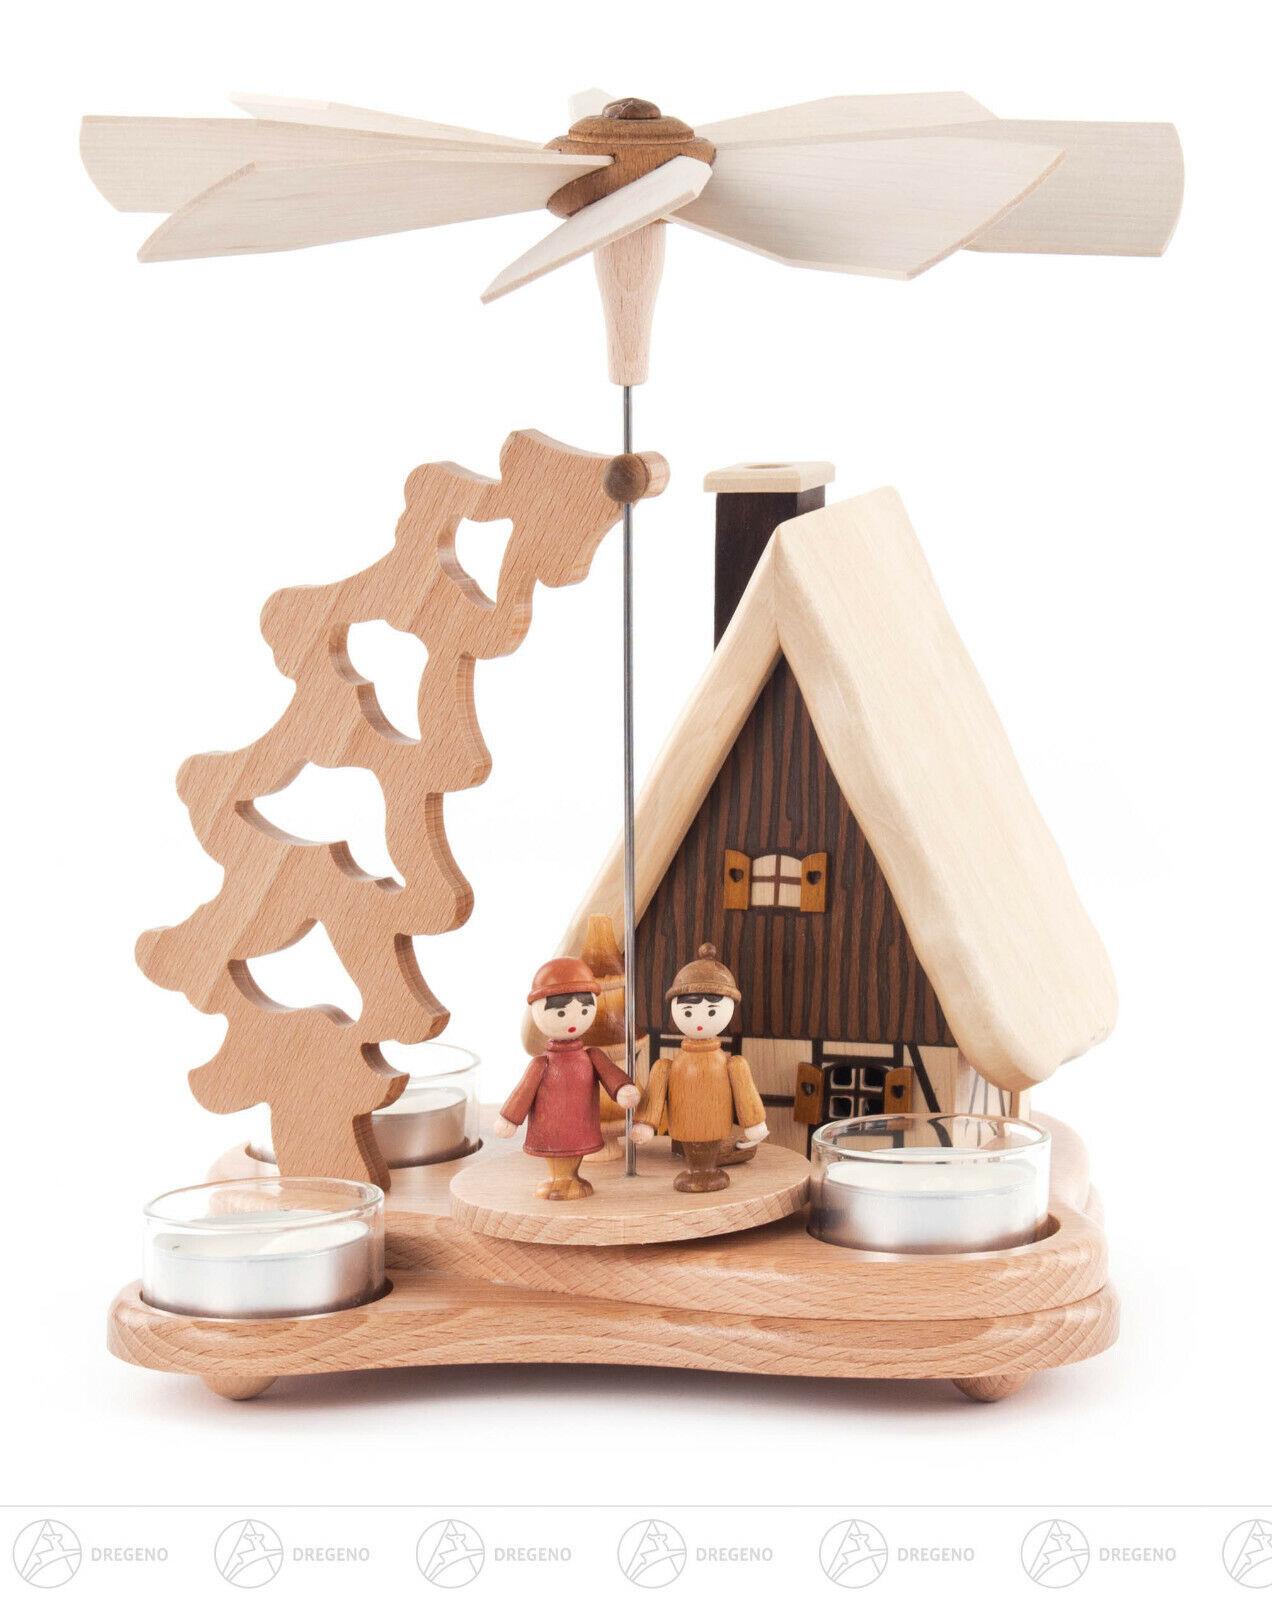 Pyramide mit Rauchhaus für für für Teelicht Erzgebirge 16feee